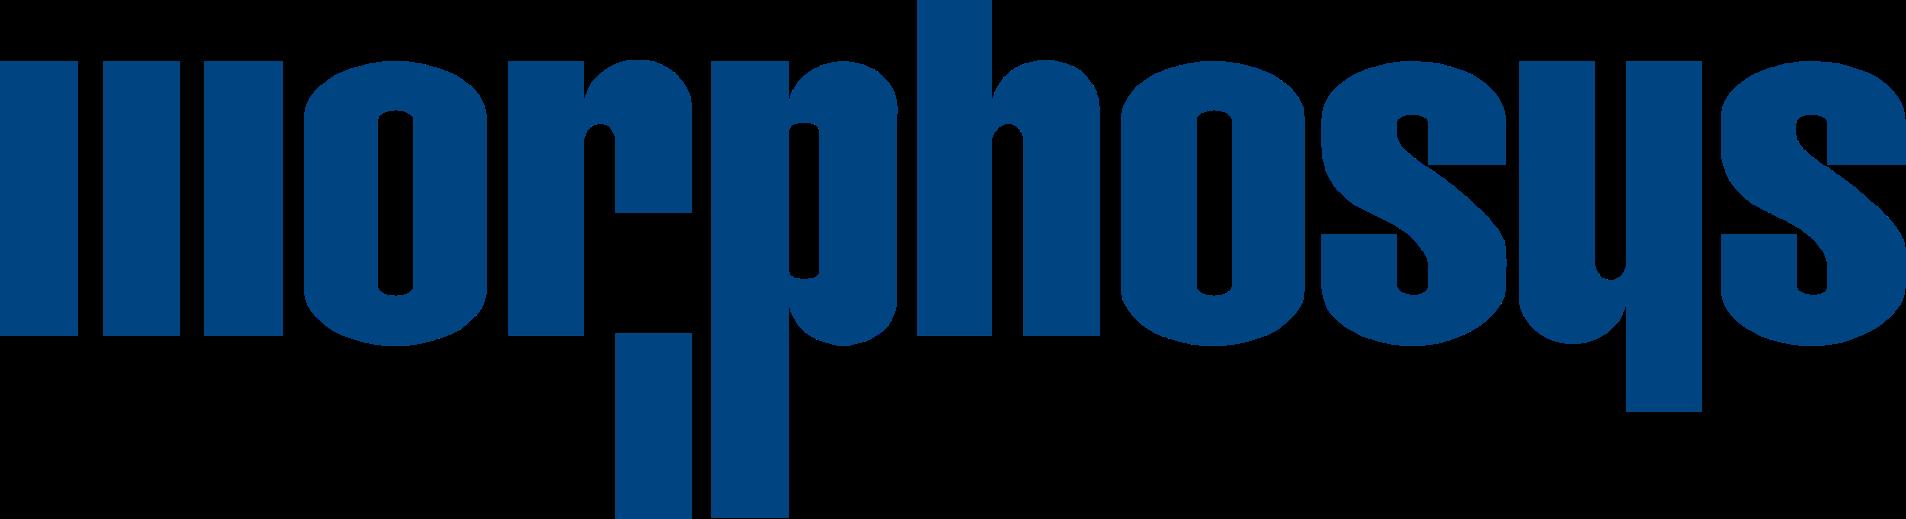 Morphosys AG 1